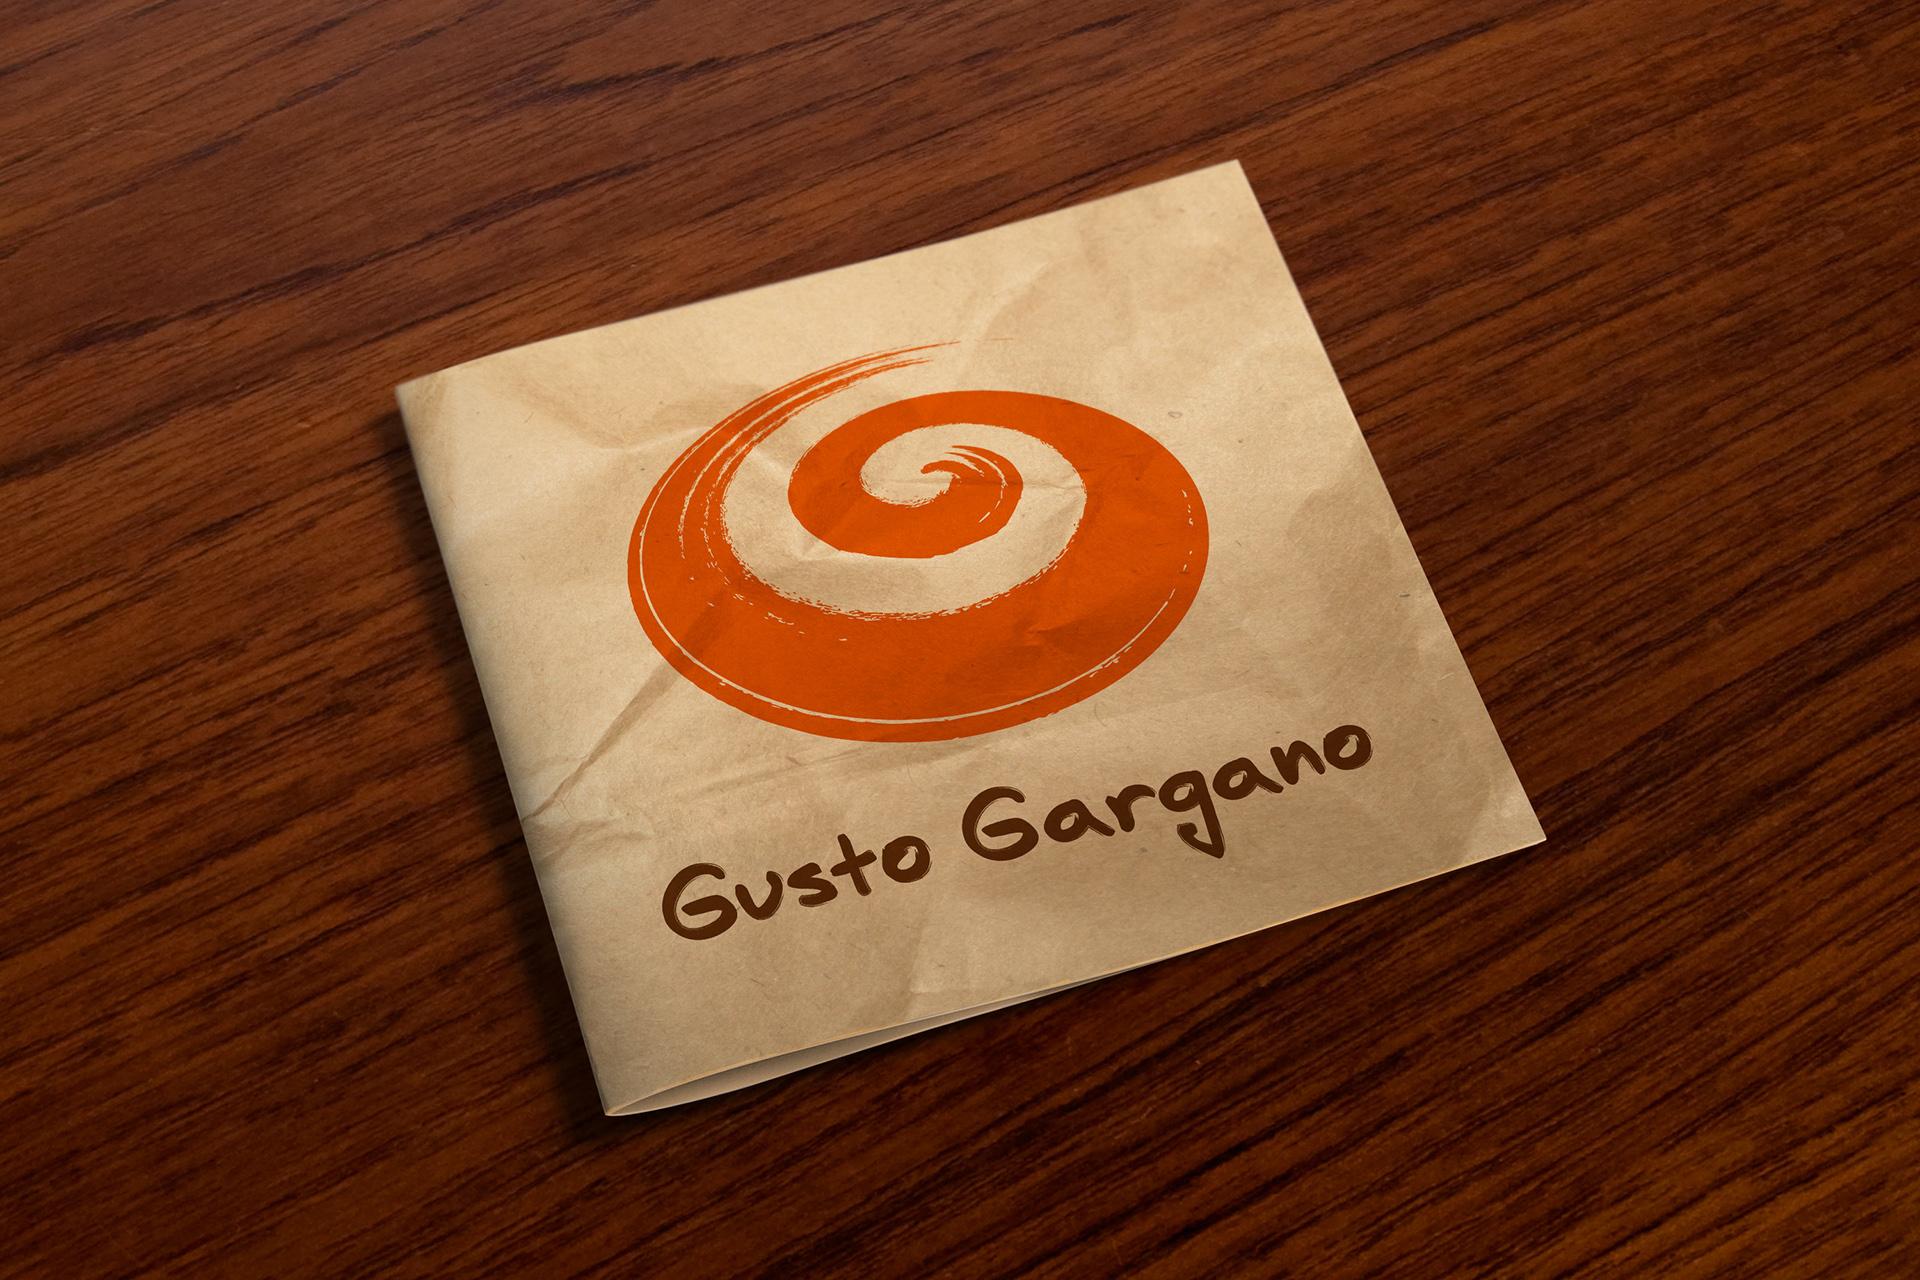 GUSTO GARGANO